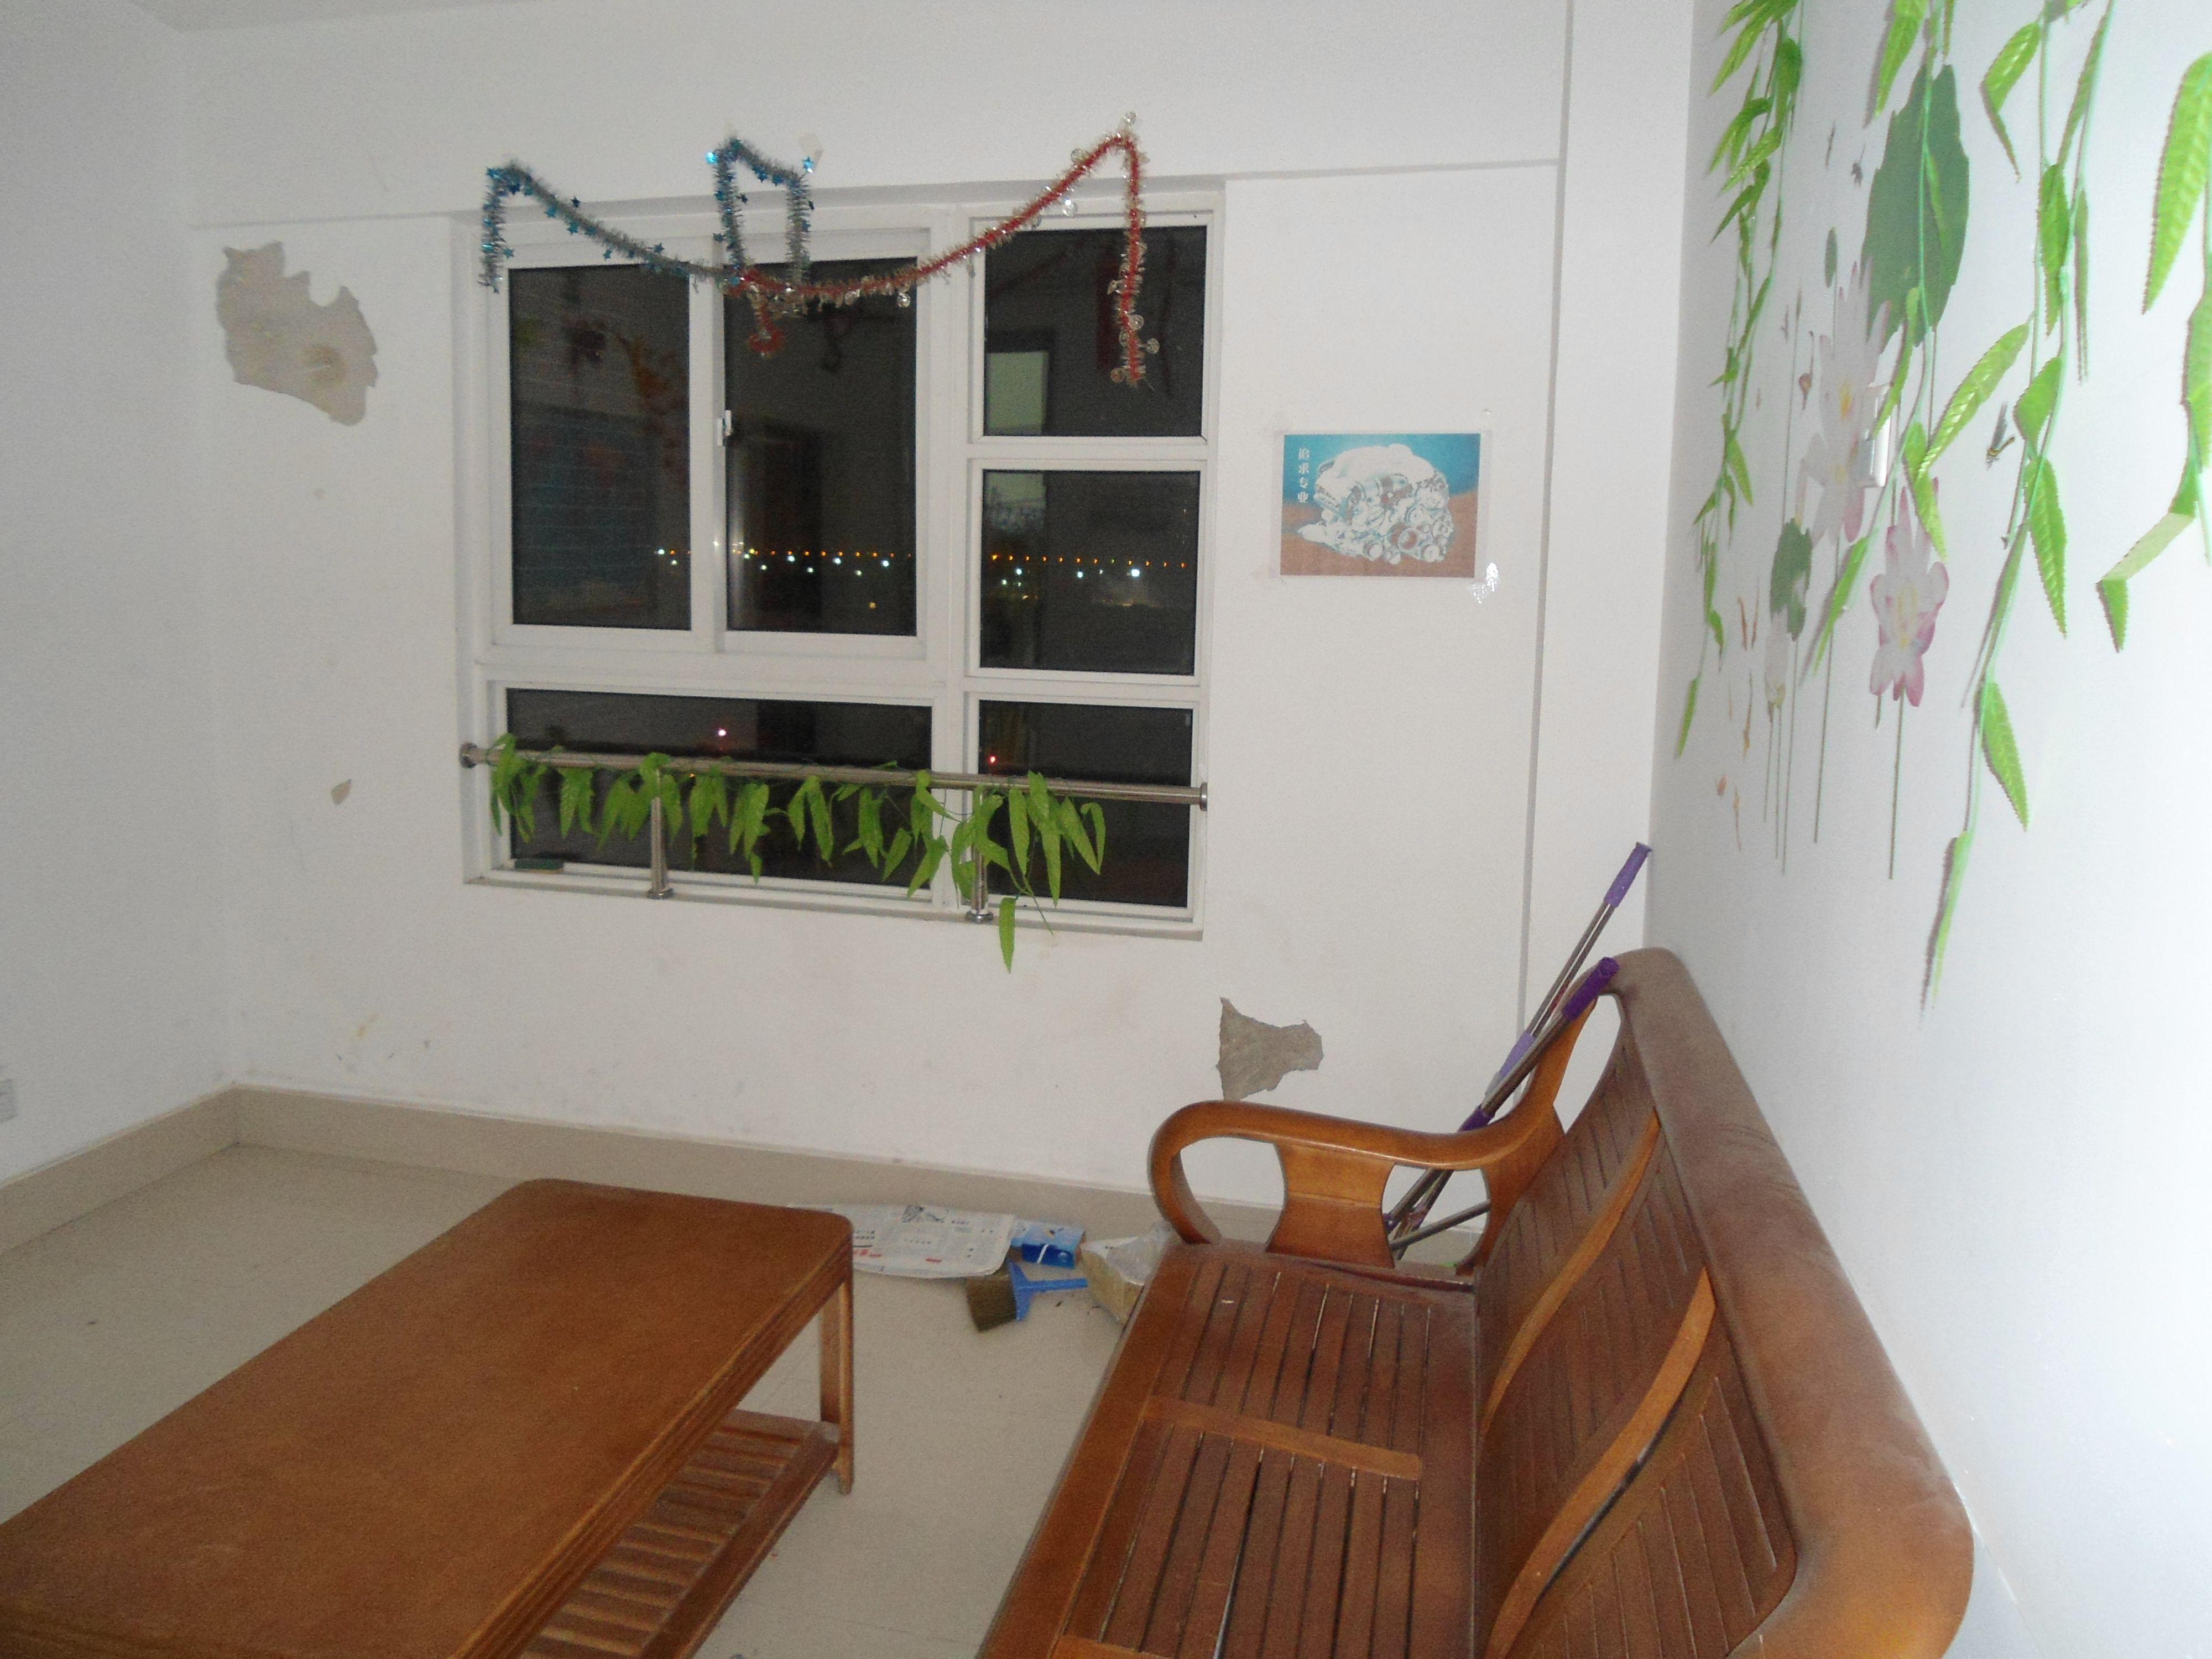 盐城工学院新校区宿舍床位只有上铺吗?床位尺寸多少?图片